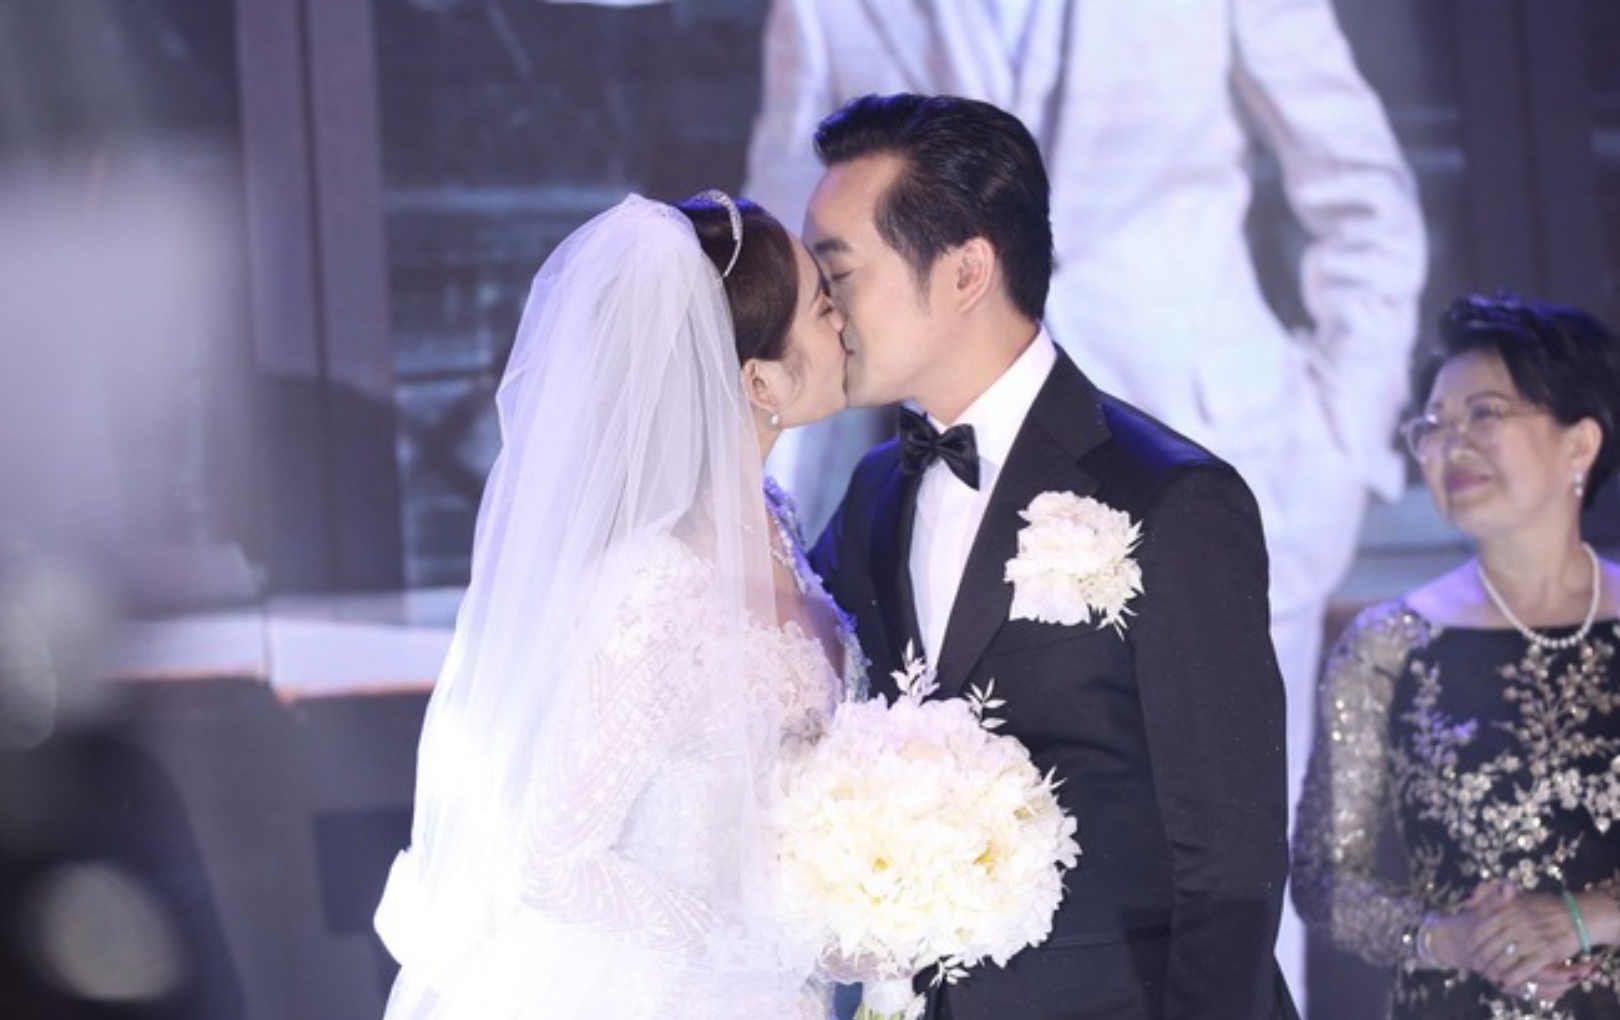 Dương Khắc Linh - Ngọc Duyên khoá môi nhau ngọt ngào, Thu Minh hát lại hit cũ dành tặng cặp đôi trong lễ cưới